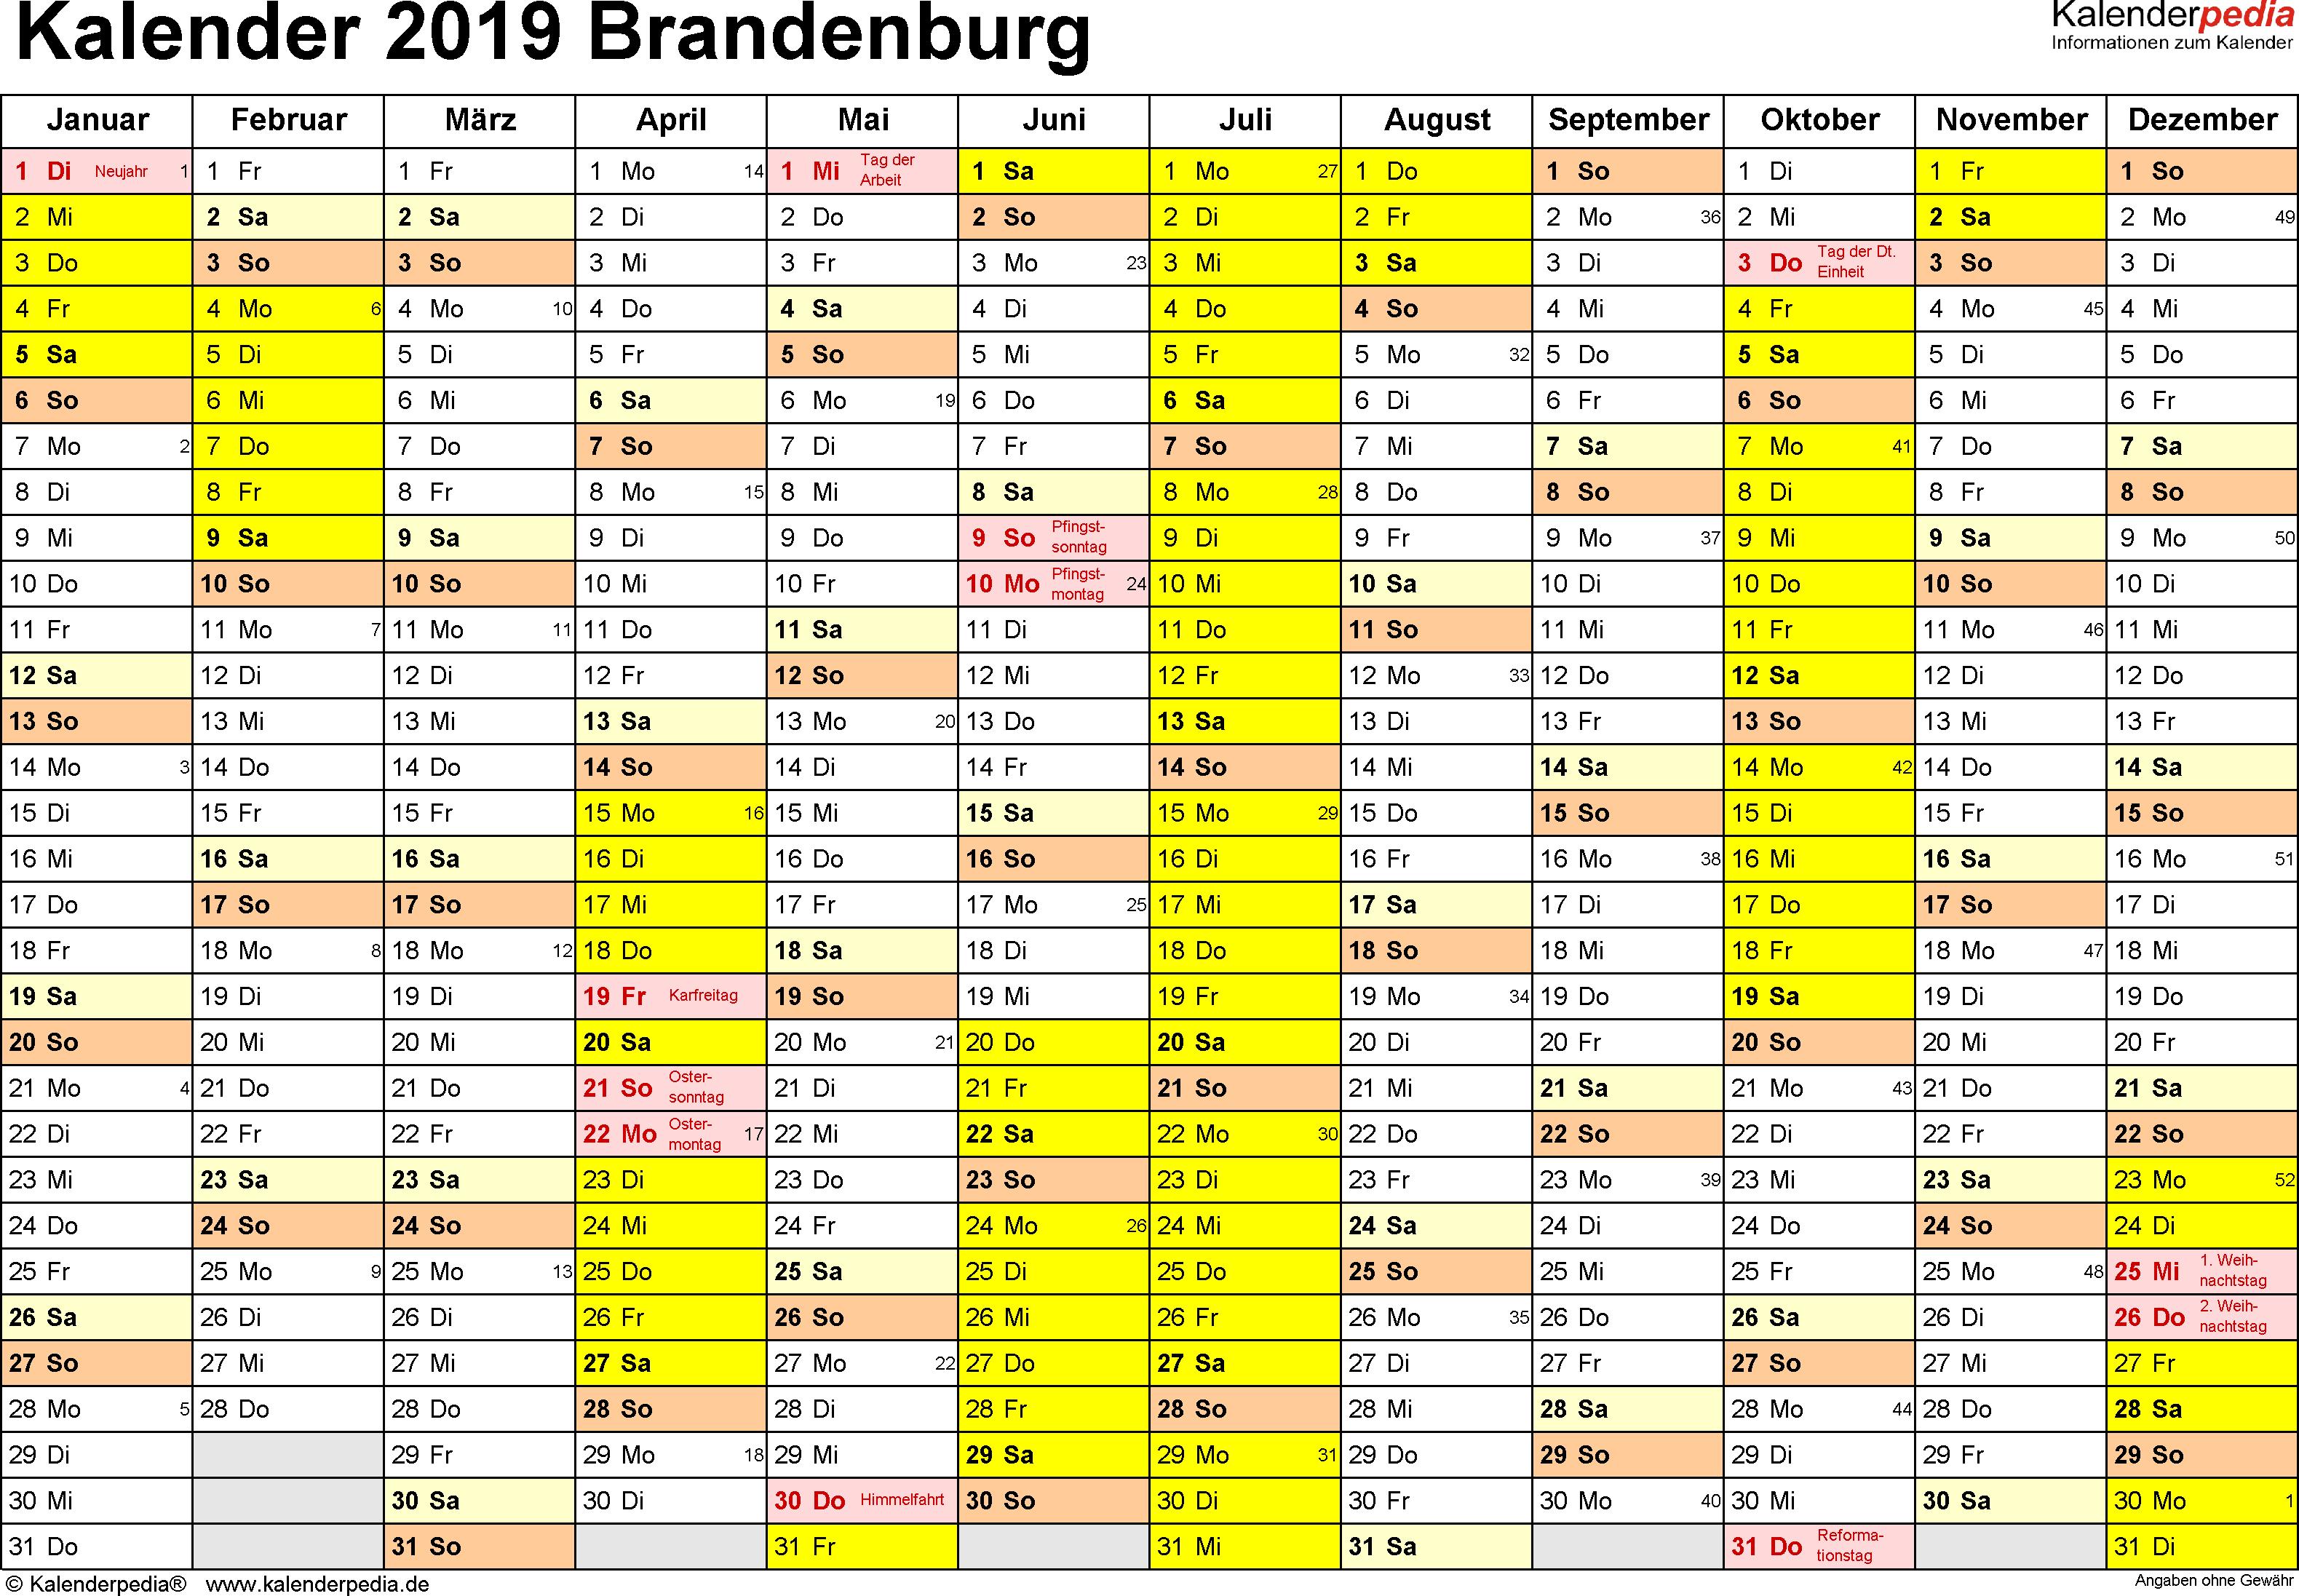 Vorlage 1: Kalender 2019 für Brandenburg als Word-Vorlage (Querformat, 1 Seite)